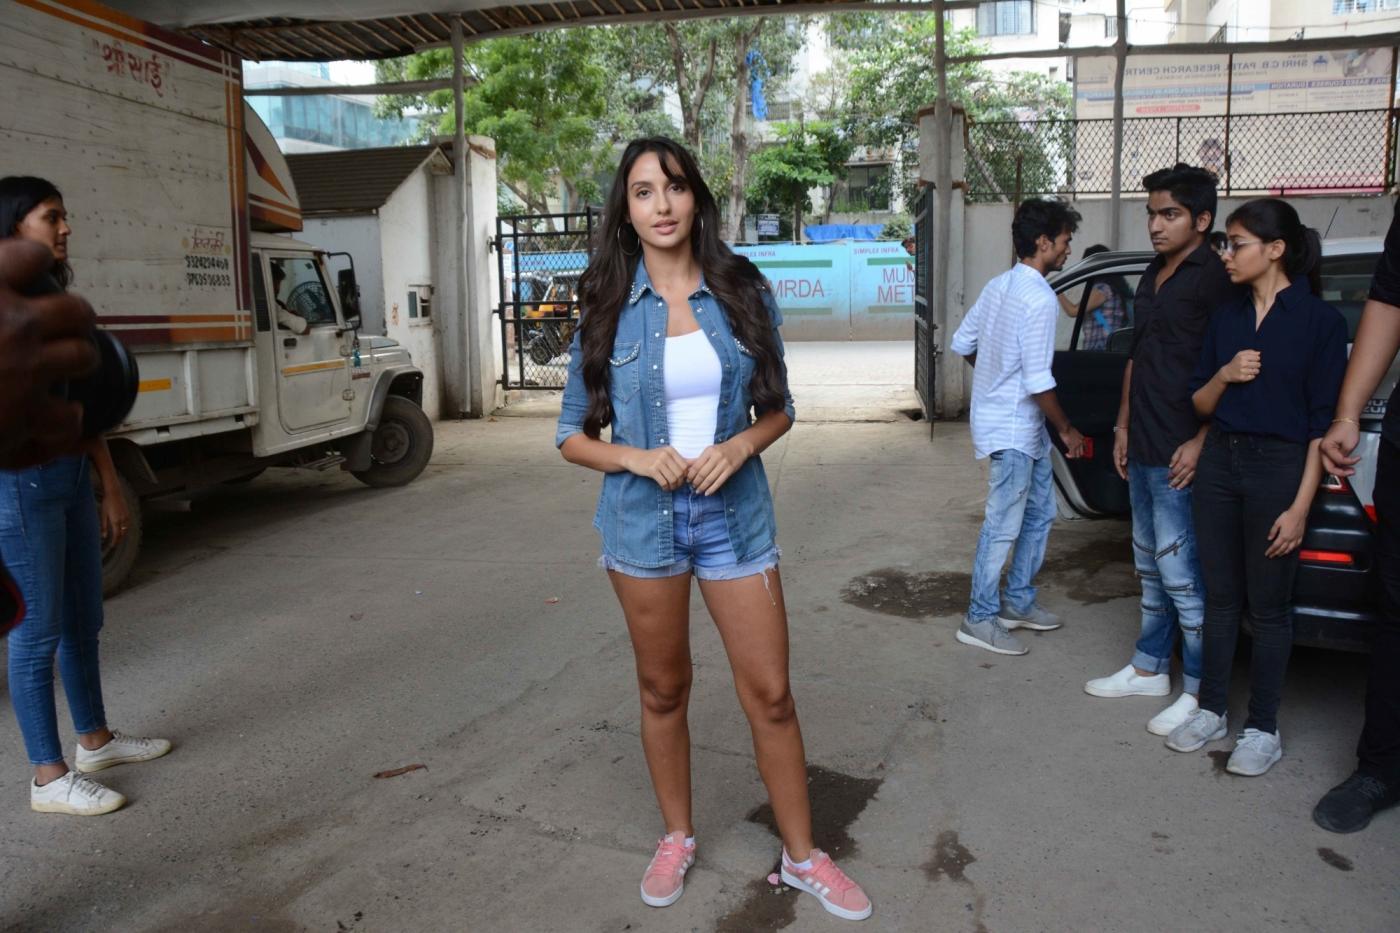 Mumbai: Actress Nora Fatehi during a social programme in Mumbai on Sept 5, 2018. (Photo: IANS) by .